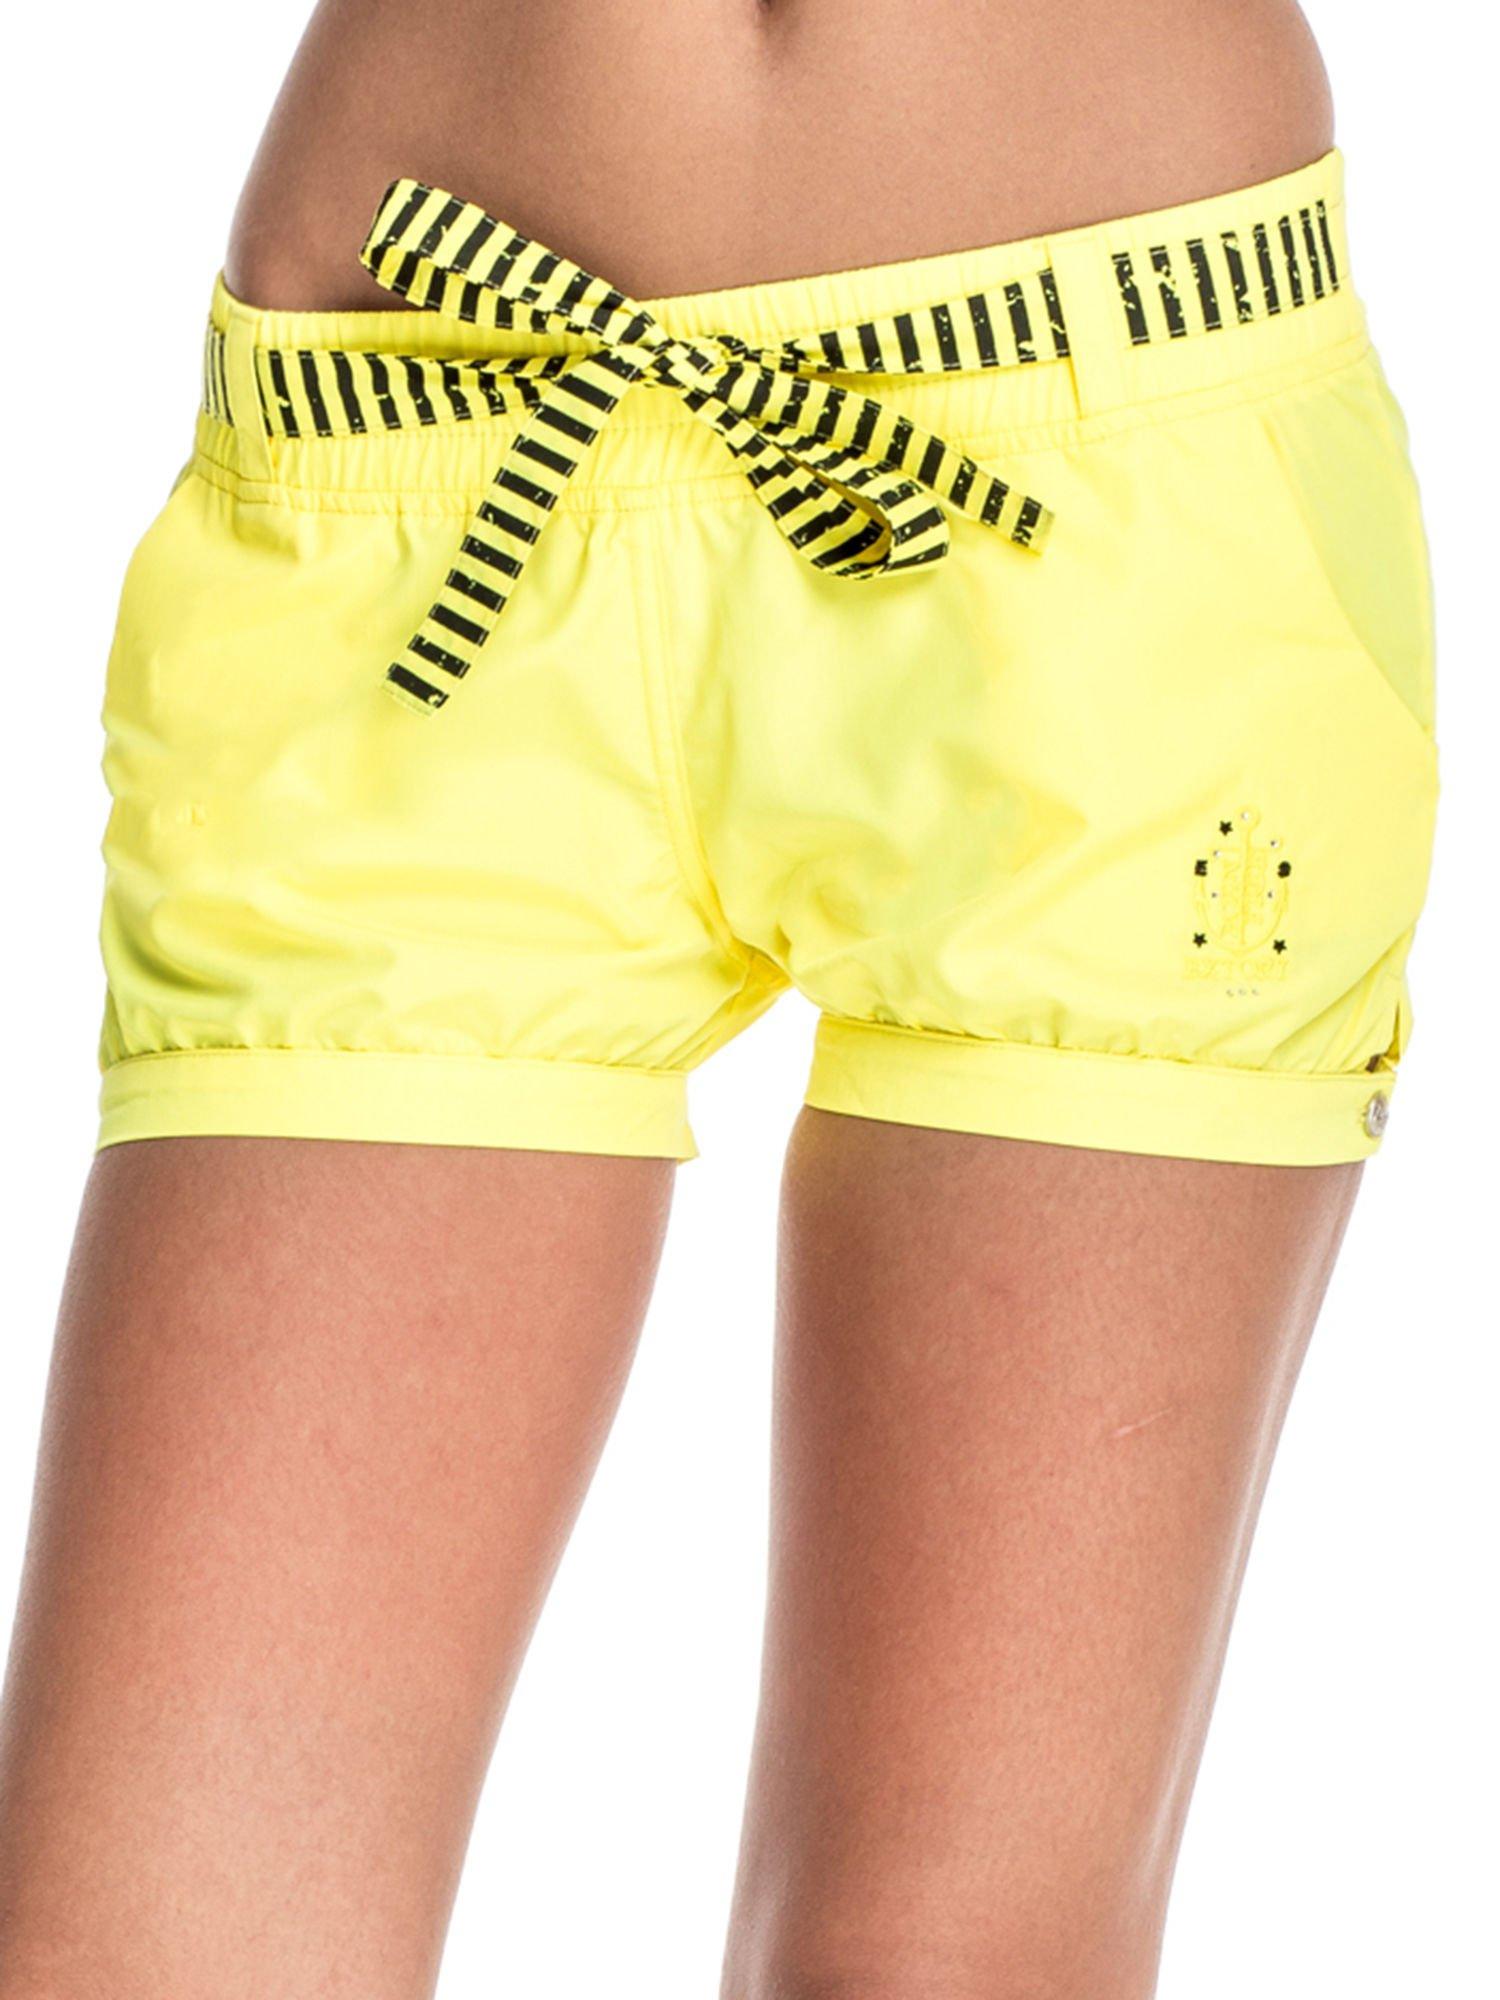 Żółte szorty damskie w stylu marynarskim                                  zdj.                                  1